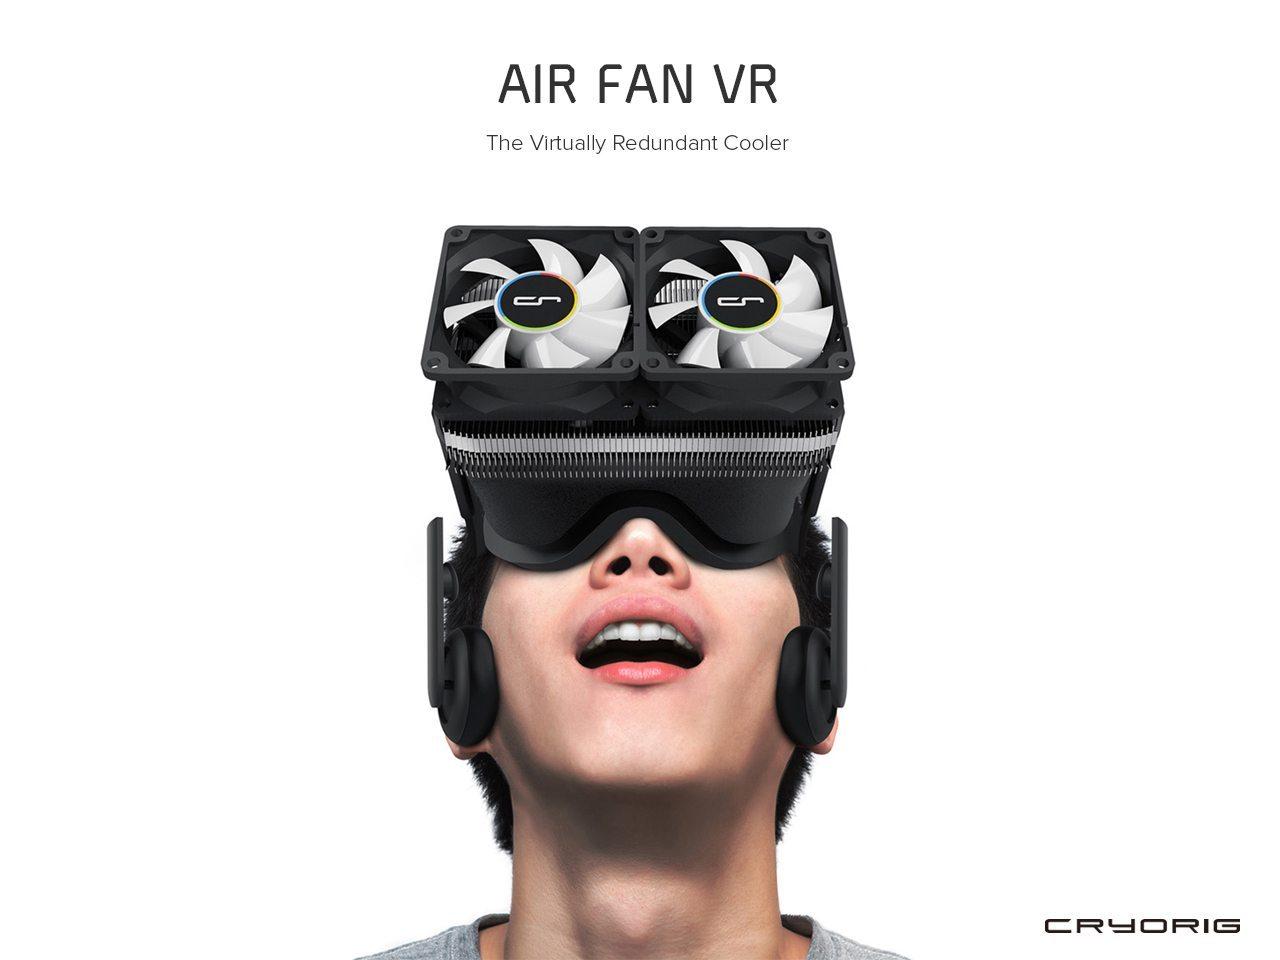 Cryorig Air Fan VR